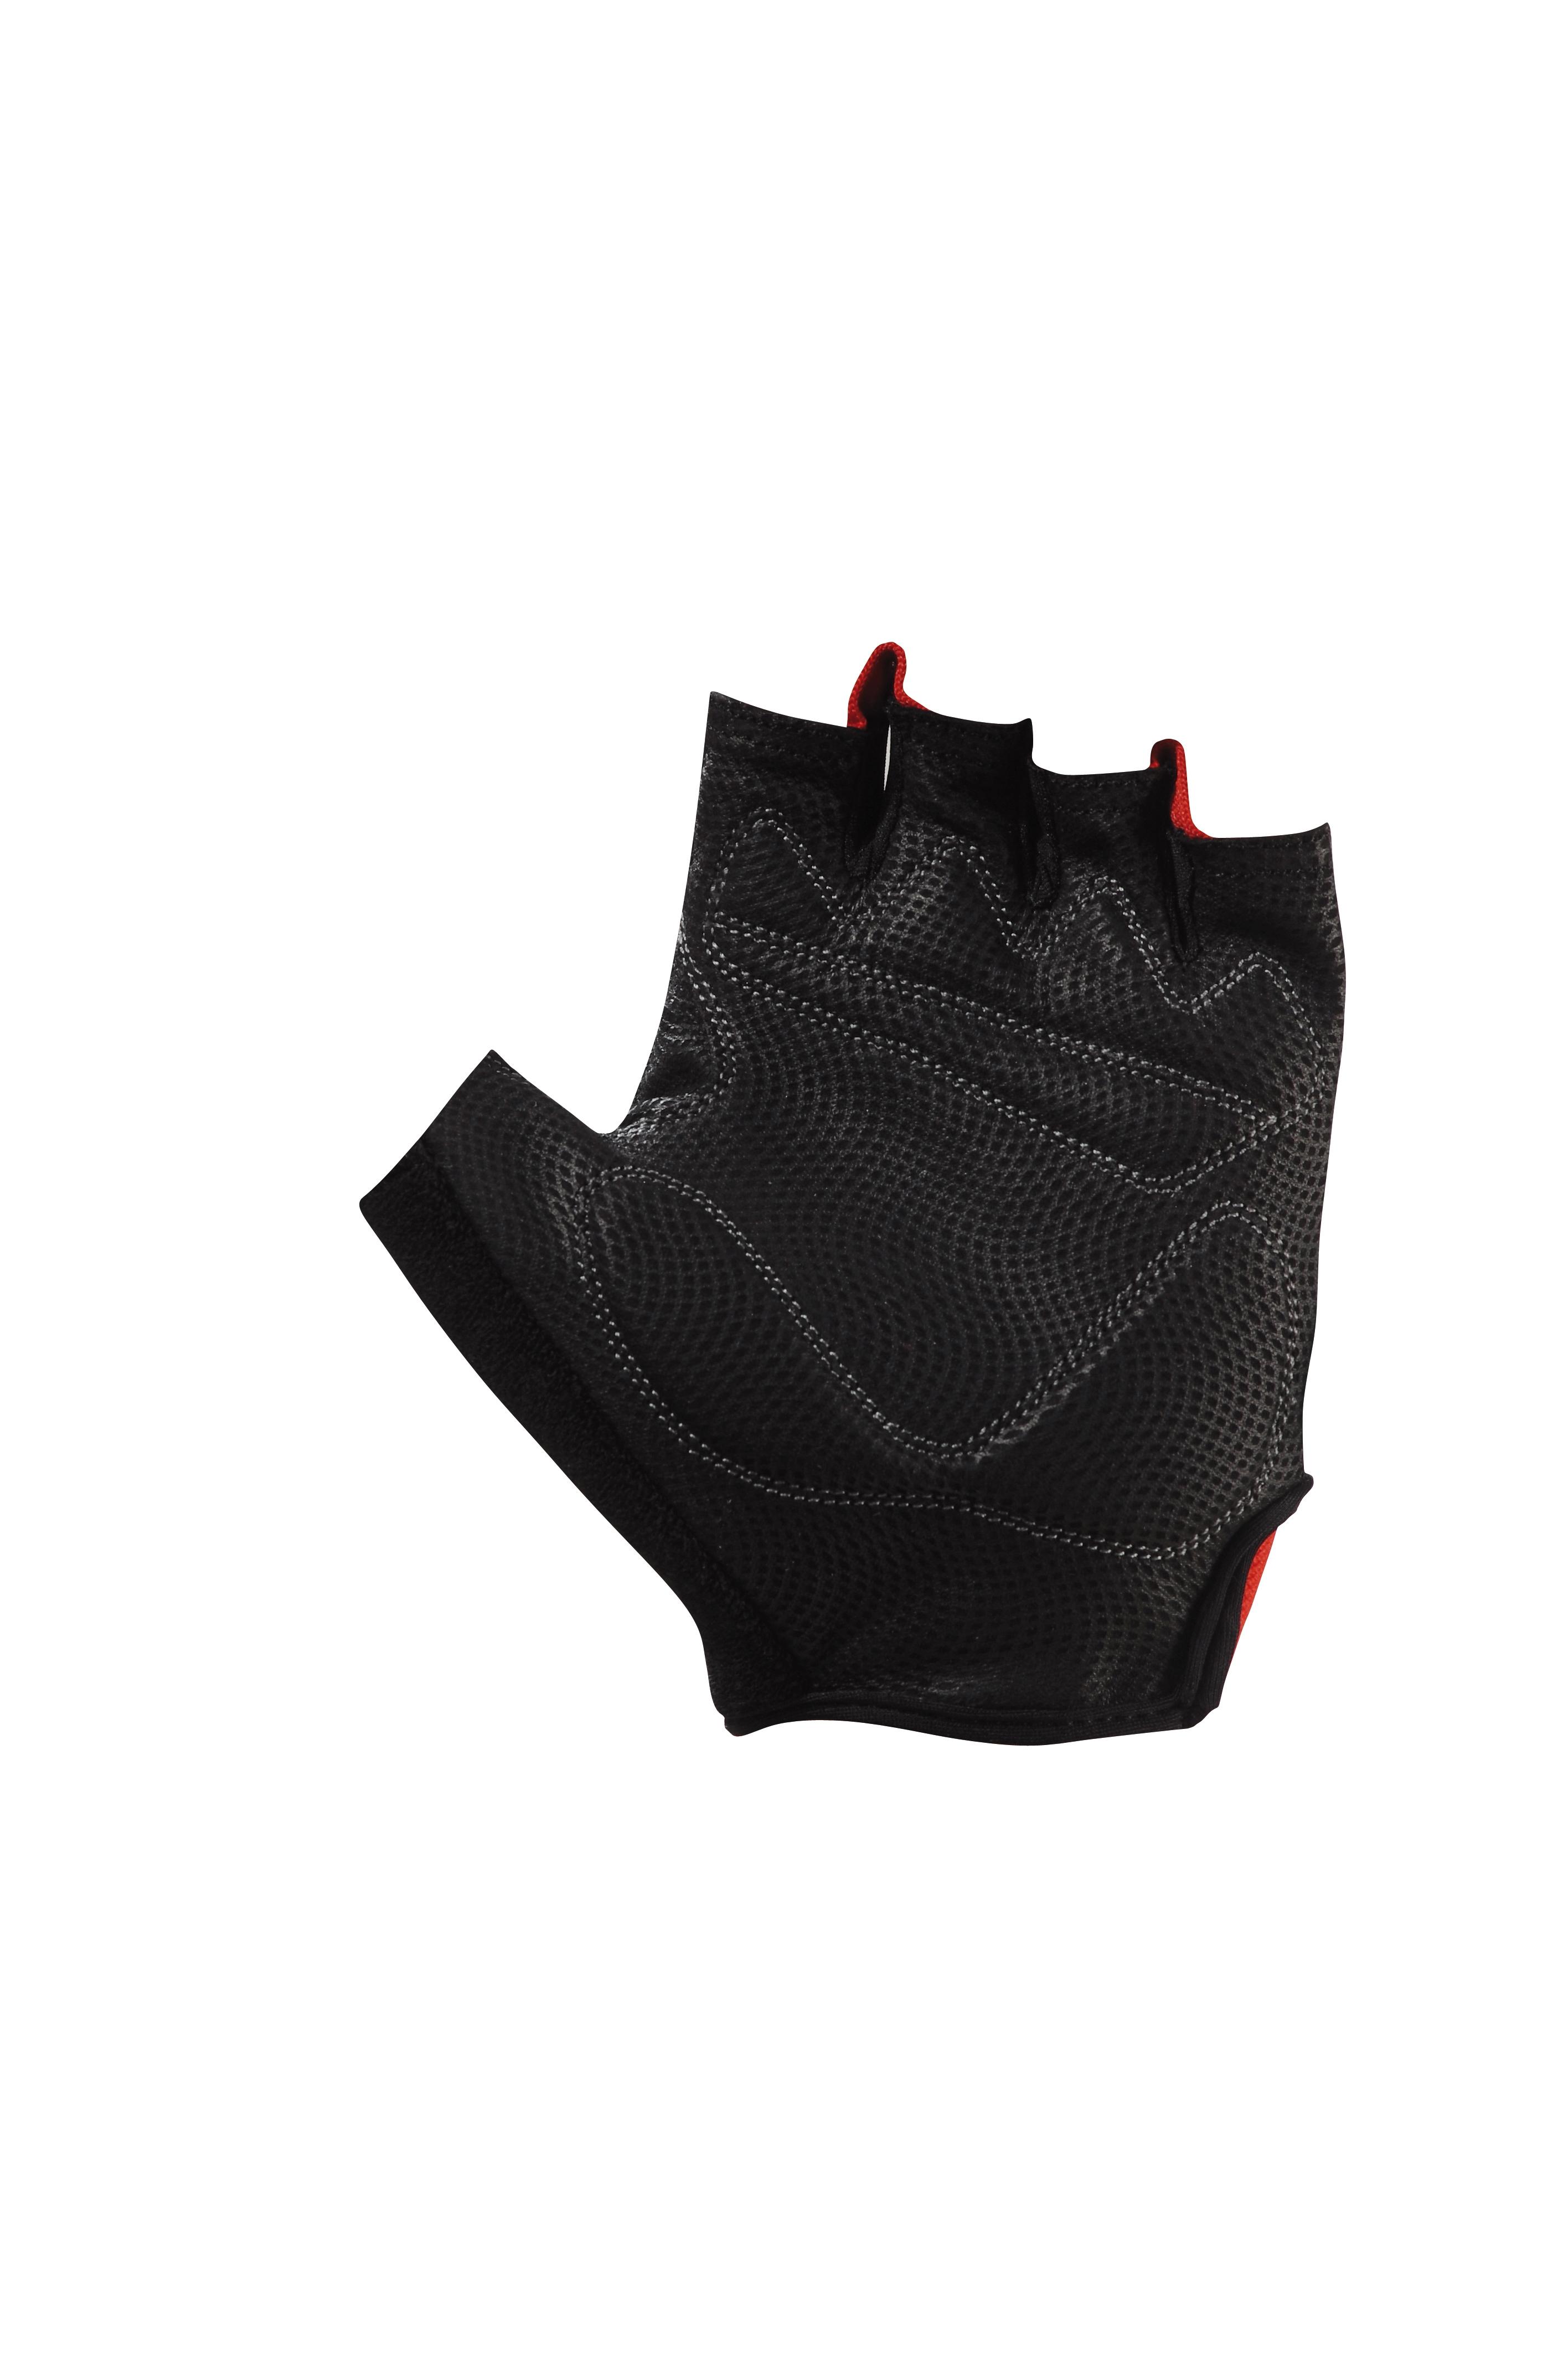 chiba gripmaster handschuhe schwarz kaufen. Black Bedroom Furniture Sets. Home Design Ideas